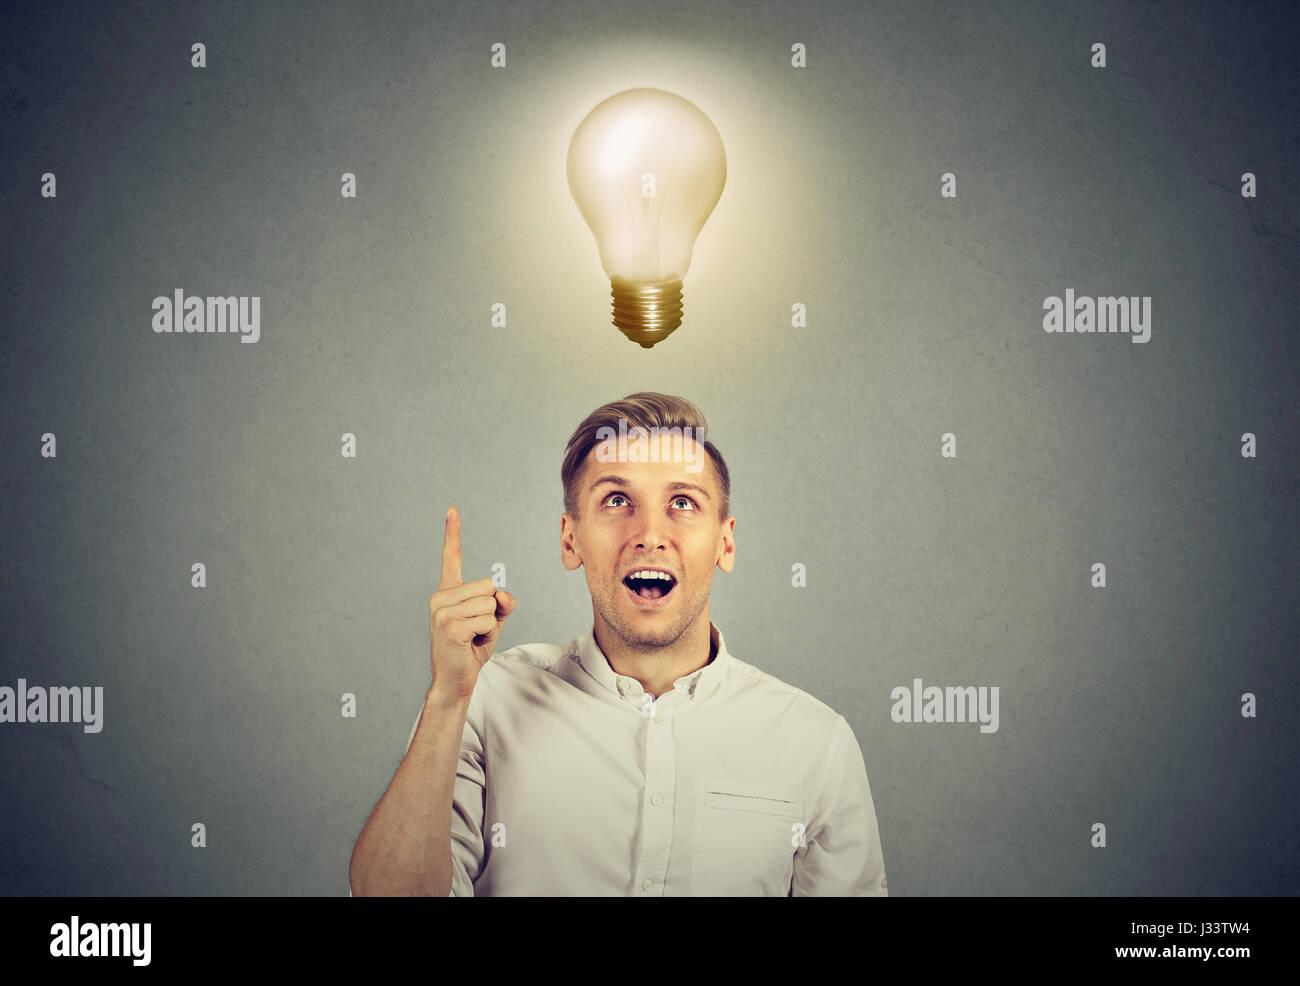 El hombre de negocios joven con idea de solución y bombilla encima de la cabeza Imagen De Stock